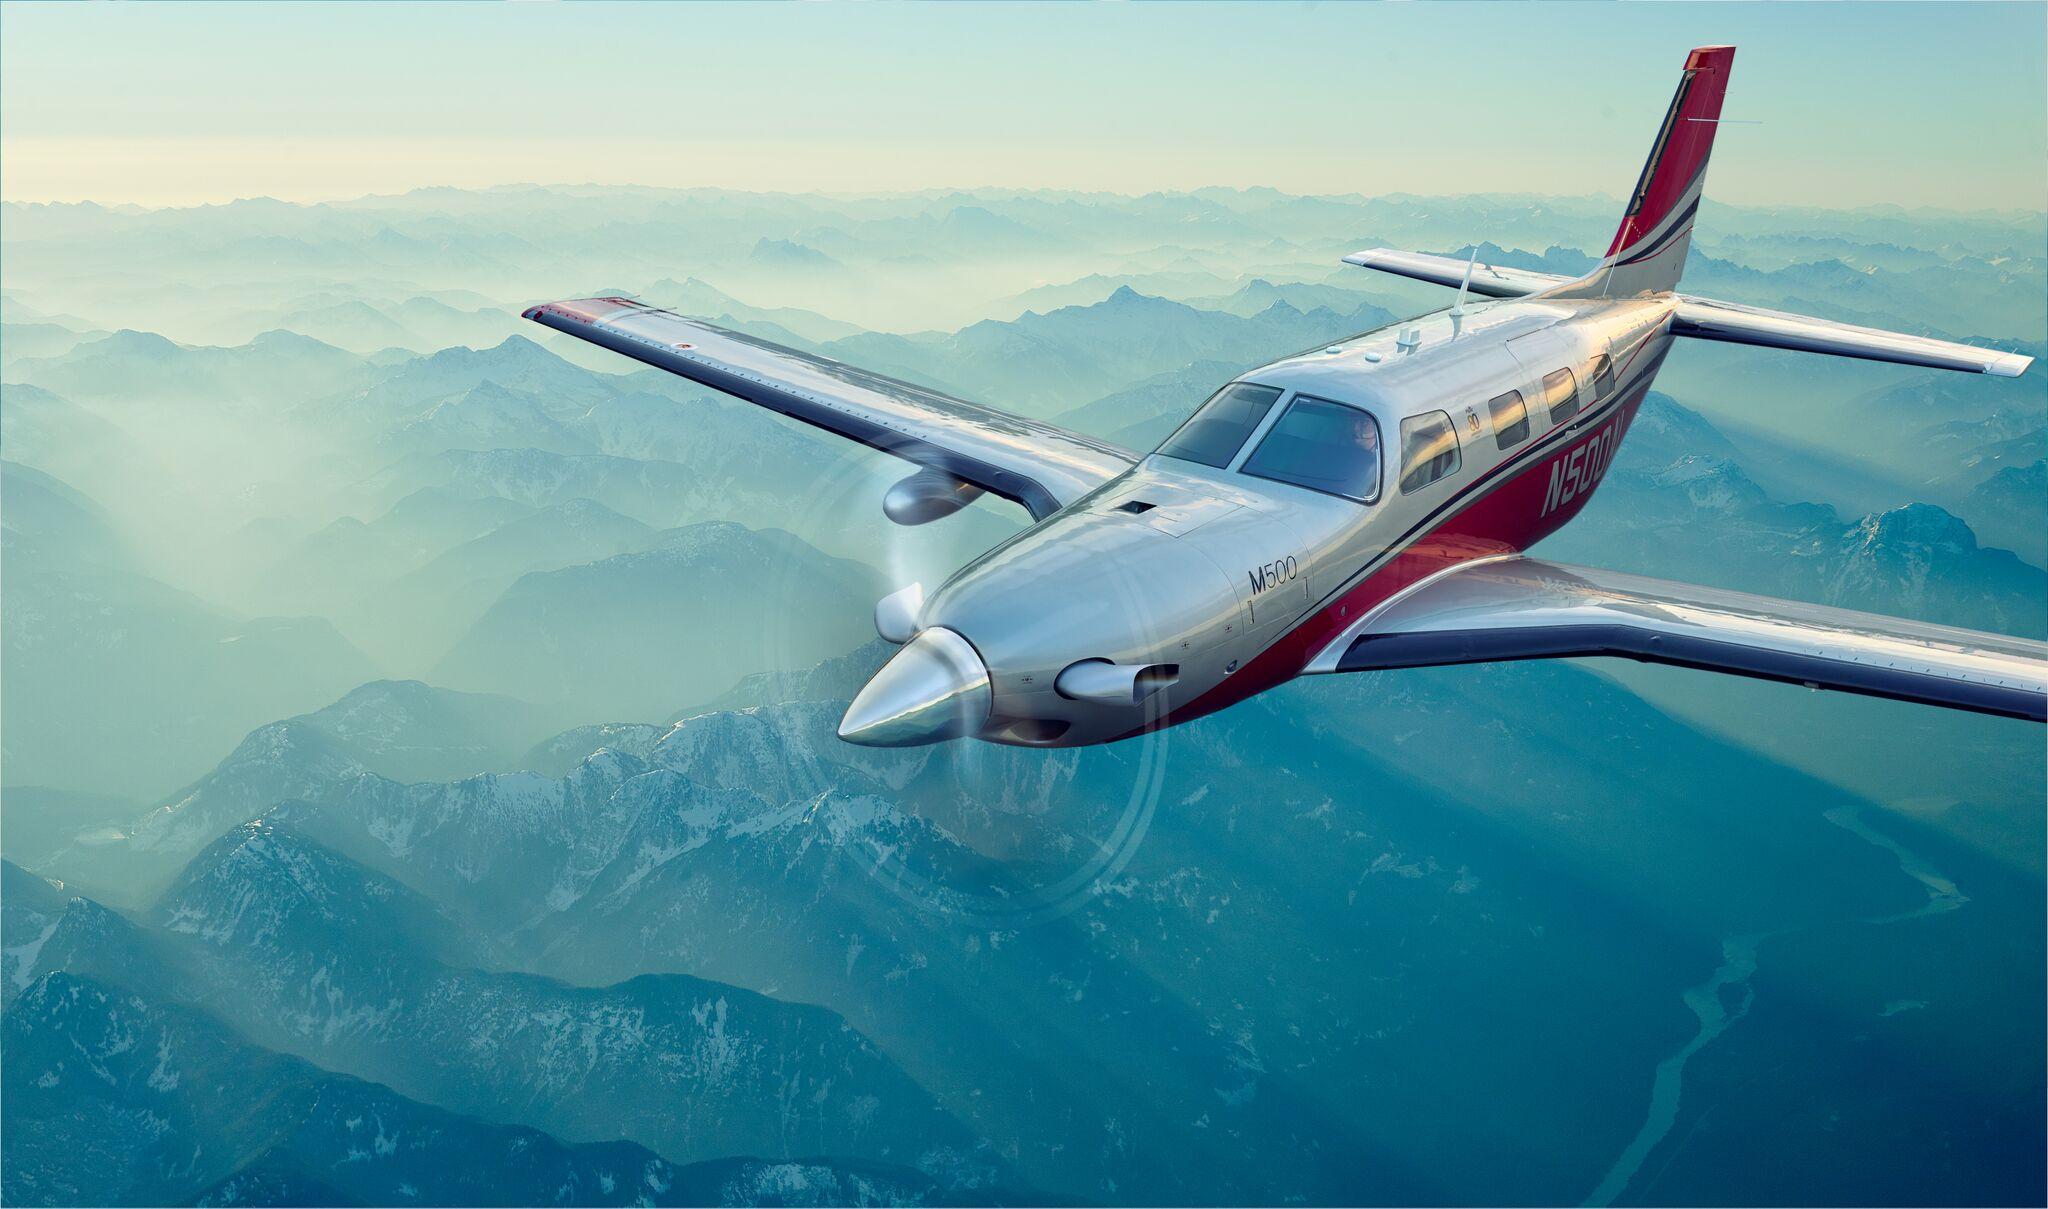 パイパー エアクラフト社 piper aircraft inc 製品一覧 飛行機